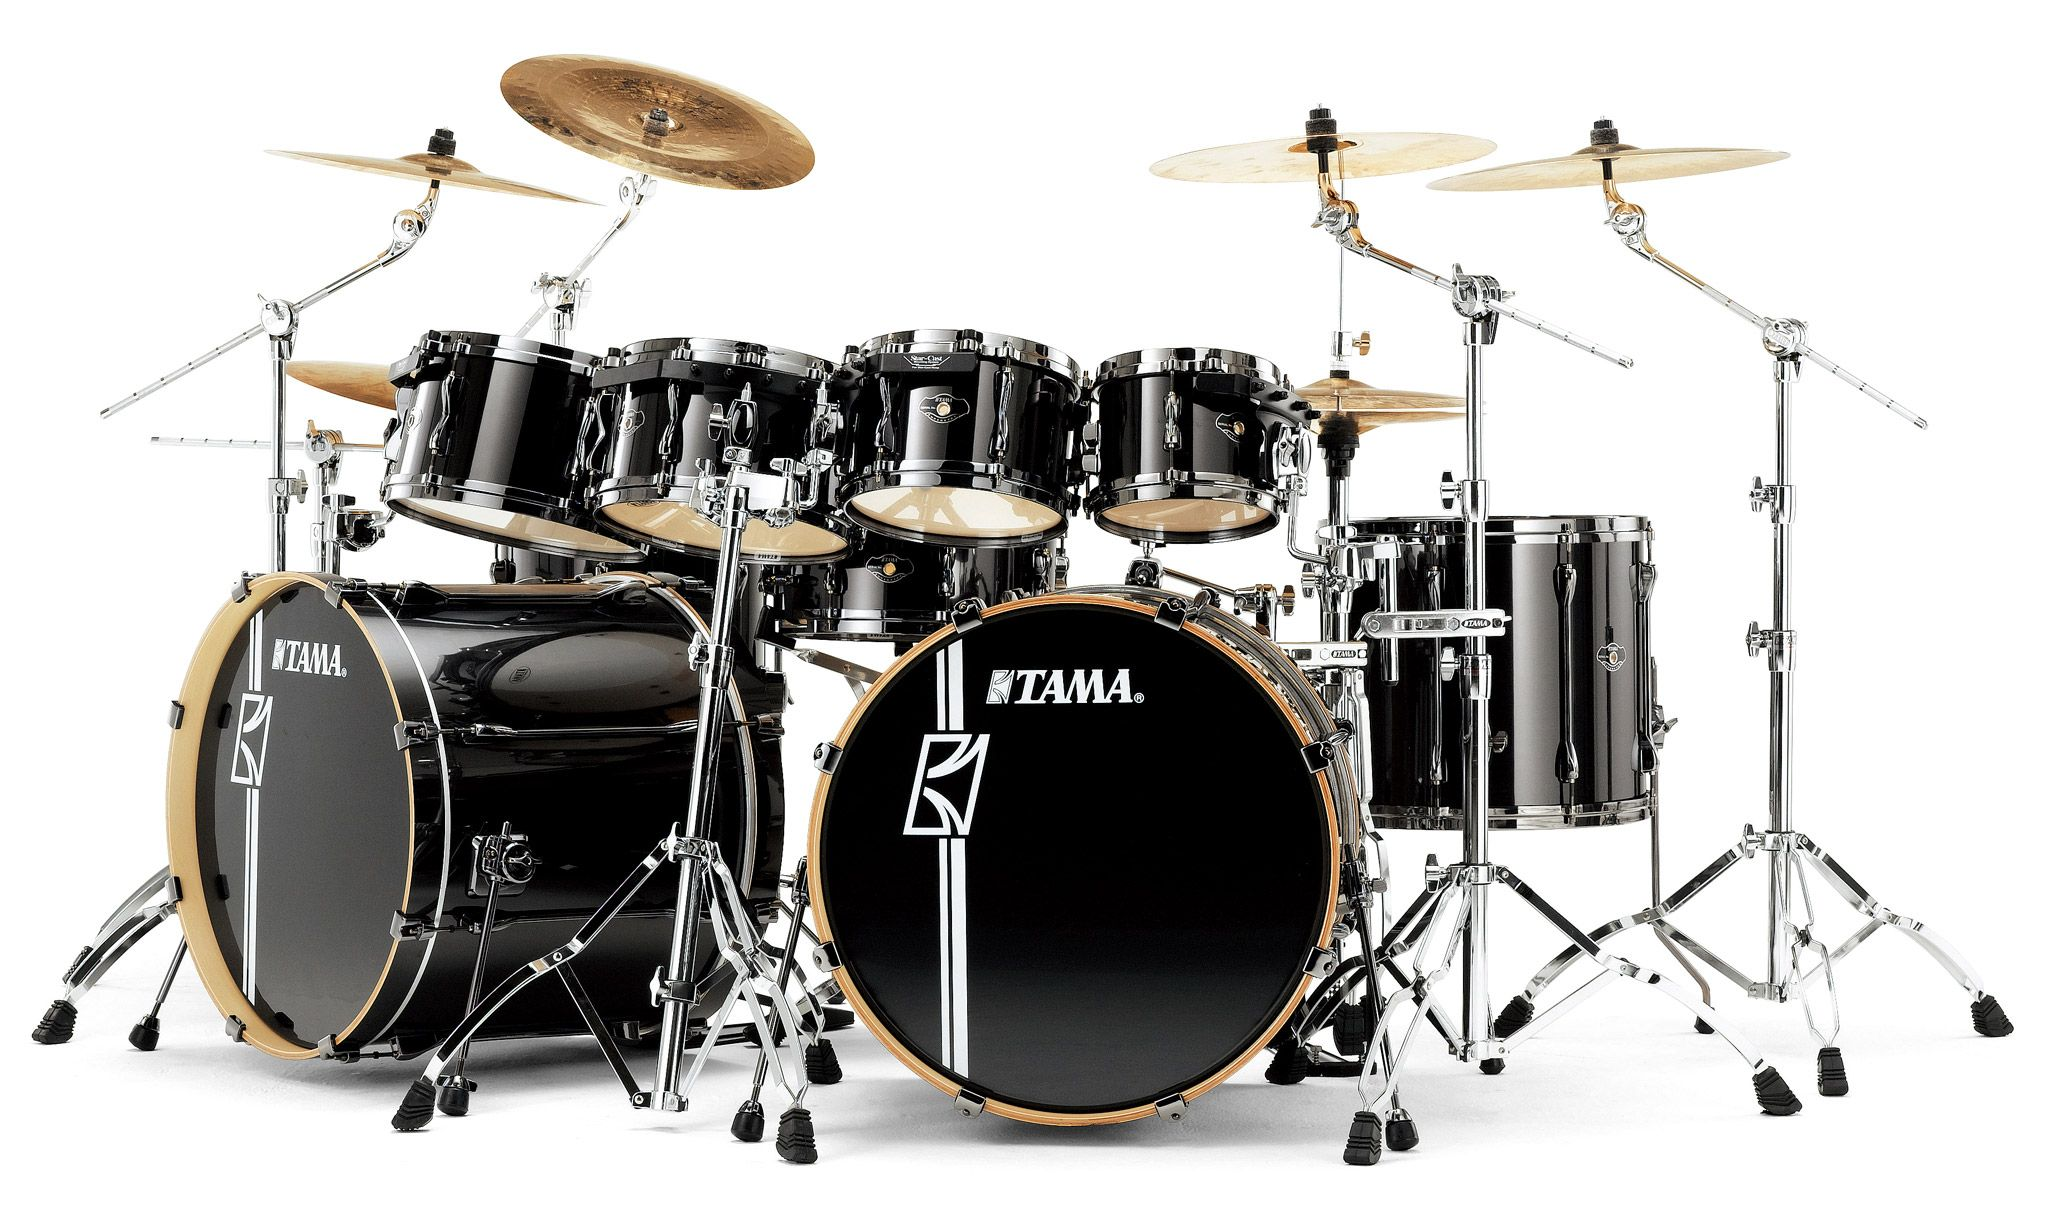 black tama drum set - photo #14